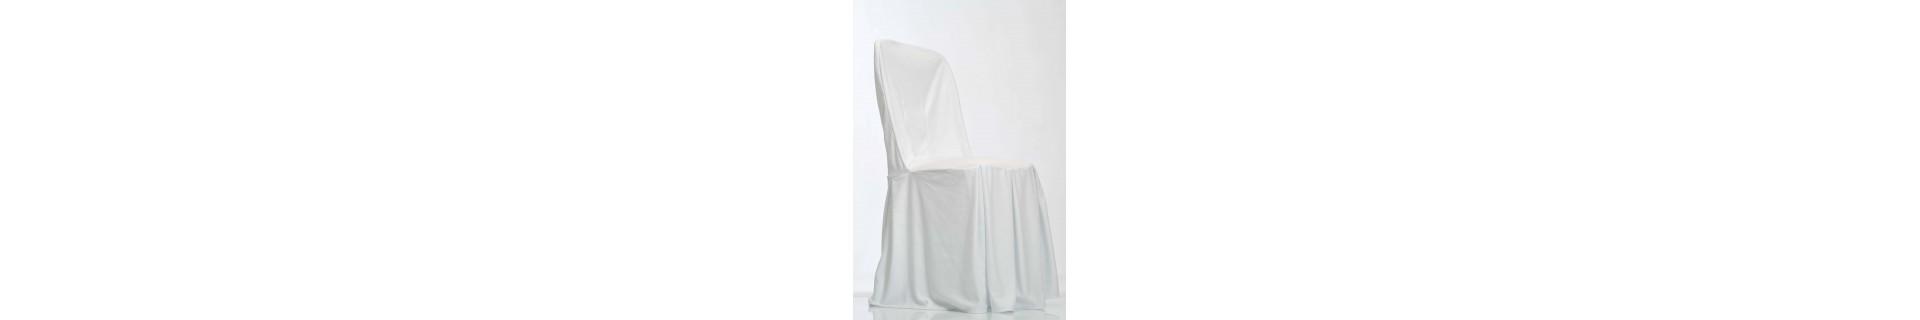 Vente housses de chaises